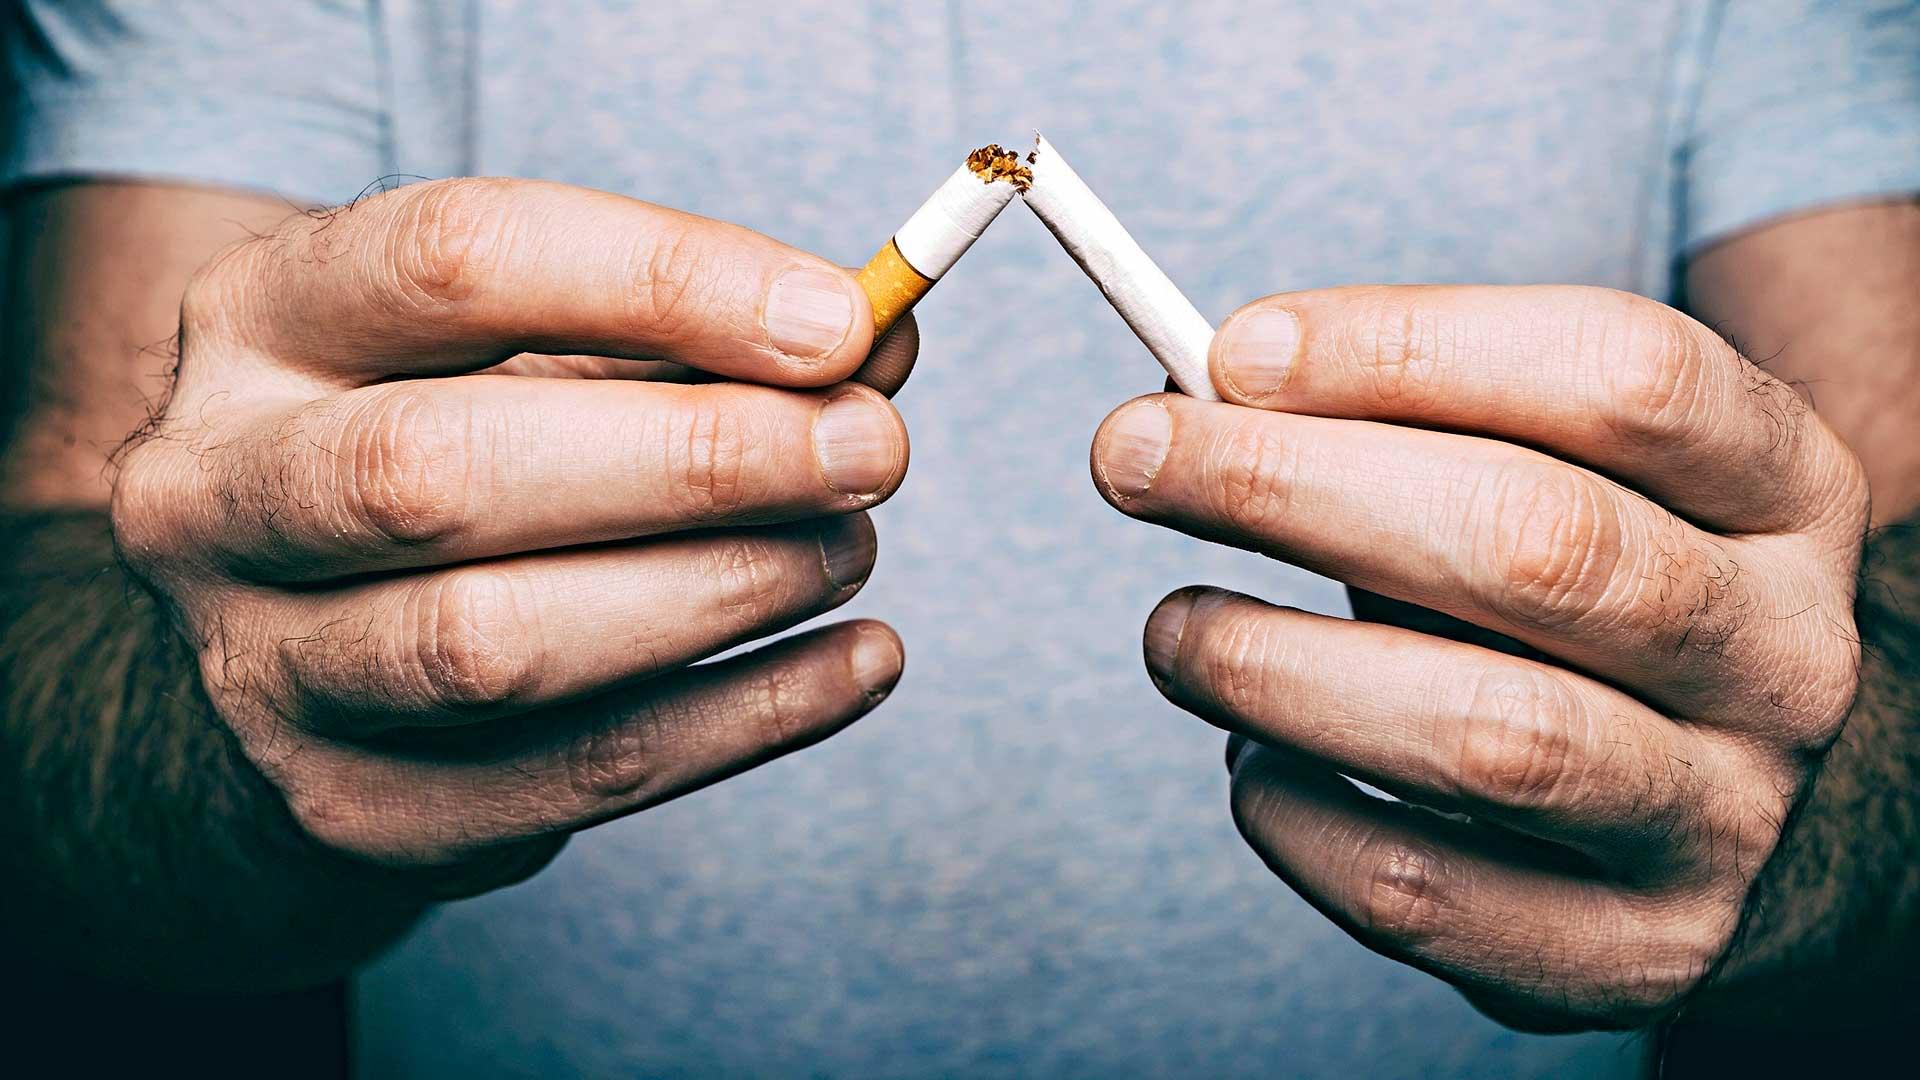 Tupakanpoltossa on kyse hyvin monisyisestä asiasta – sekä fyysisestä nikotiiniriippuvuudesta että psyykkisestä ja sosiaalisesta riippuvuudesta.